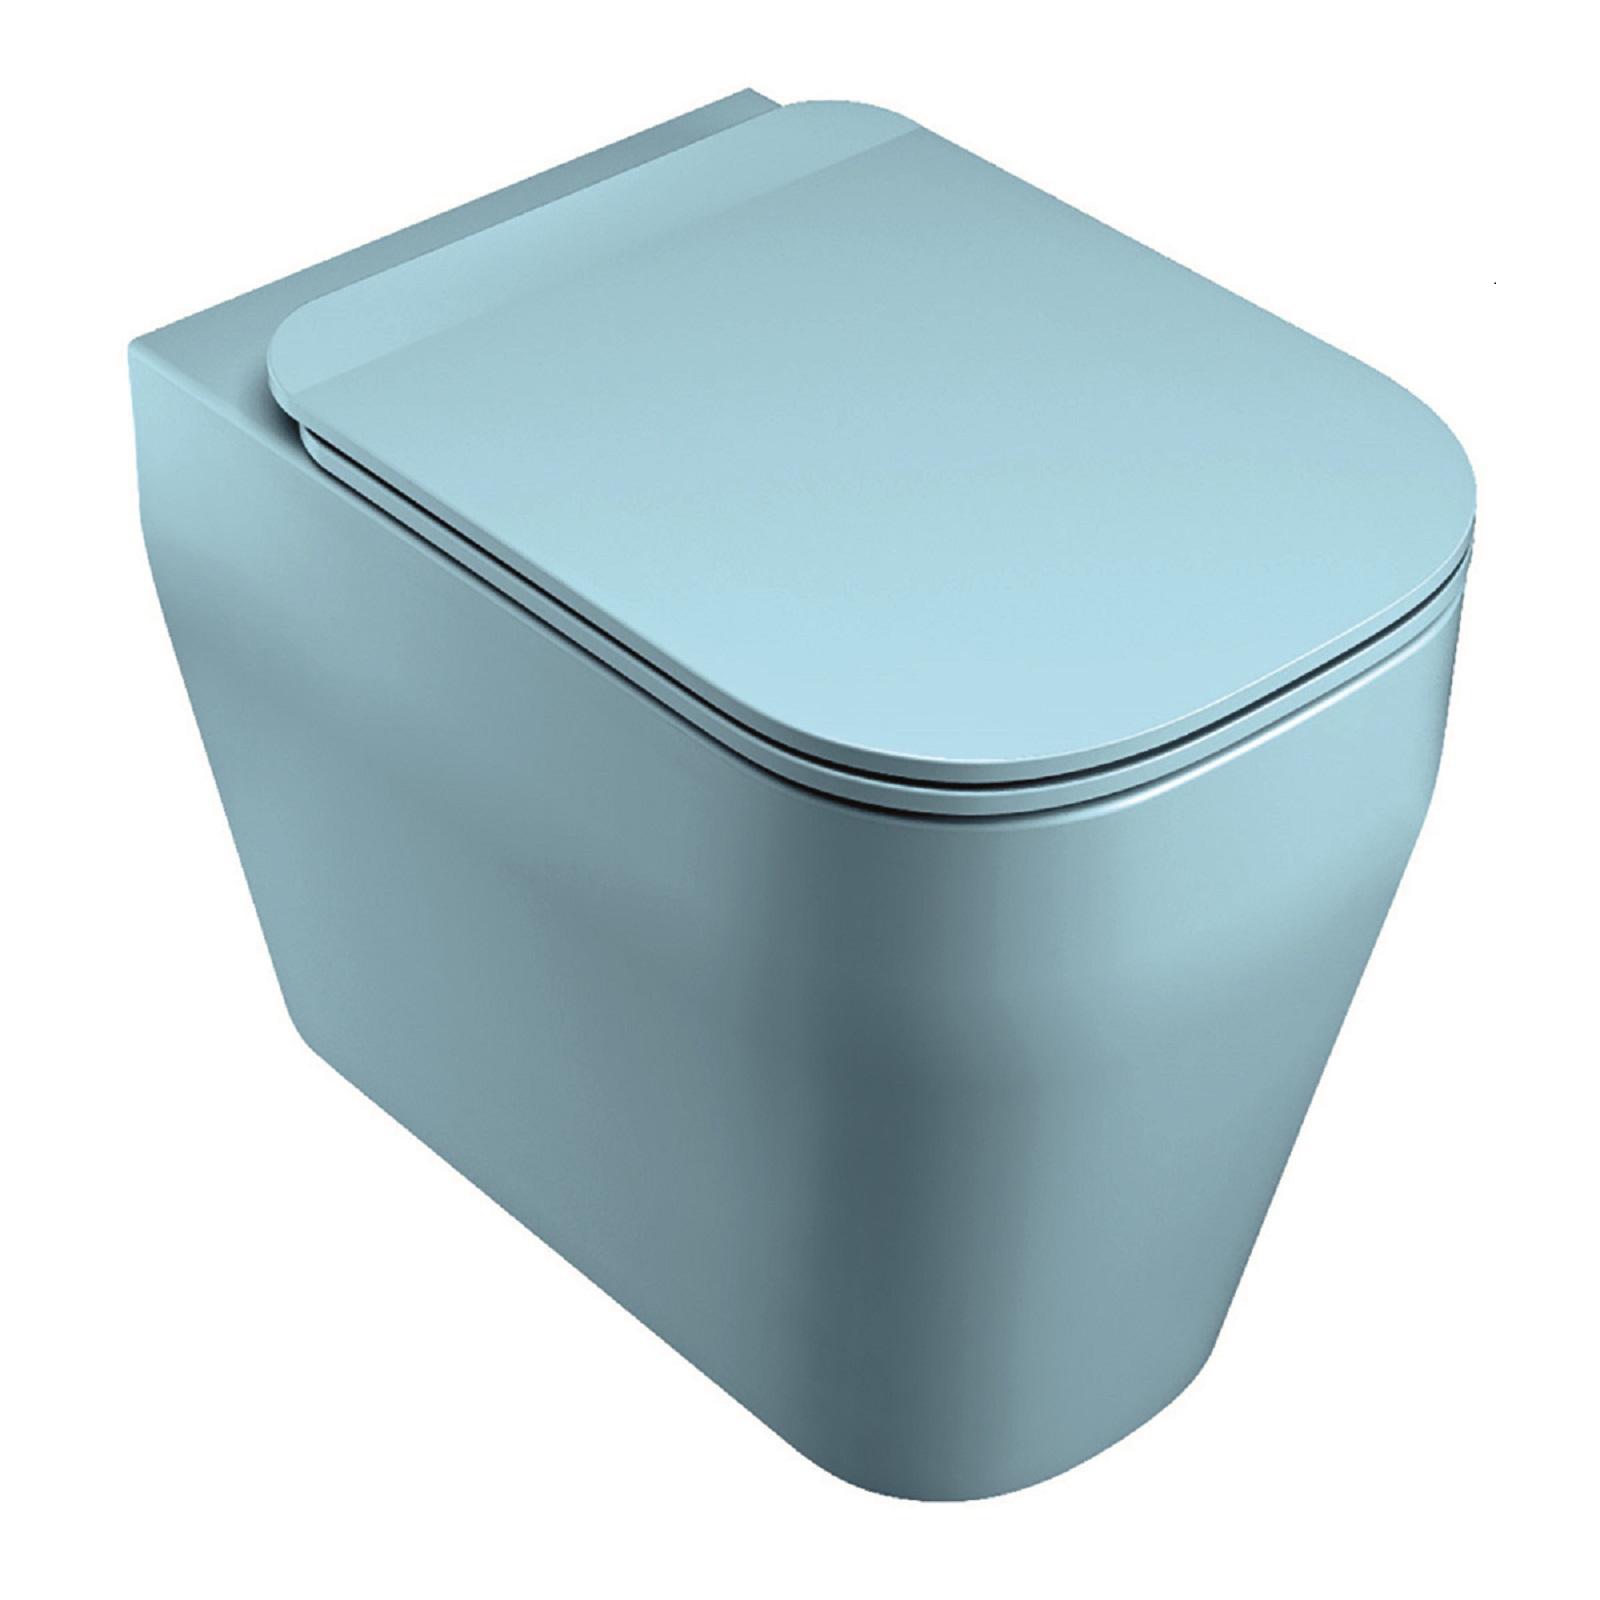 Colorati D Azzurro Chiaro sanitari colorati opachi: foto, misure e prezzifoto, misure